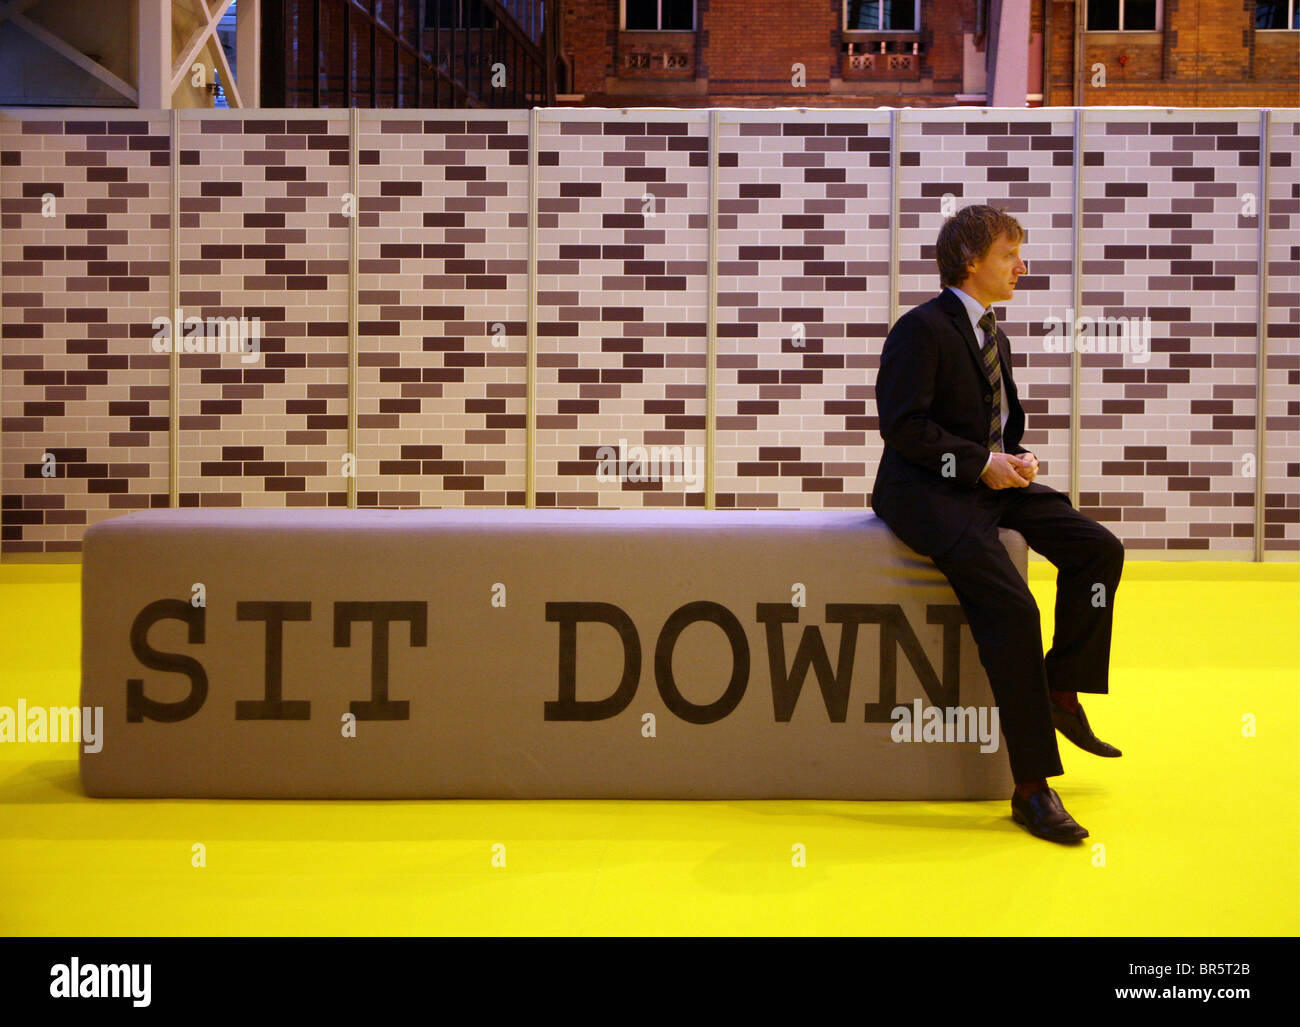 Un hombre se sienta en un 'abajo' cartel ubicado en la entrada de una conferencia de negocios. Imagen De Stock